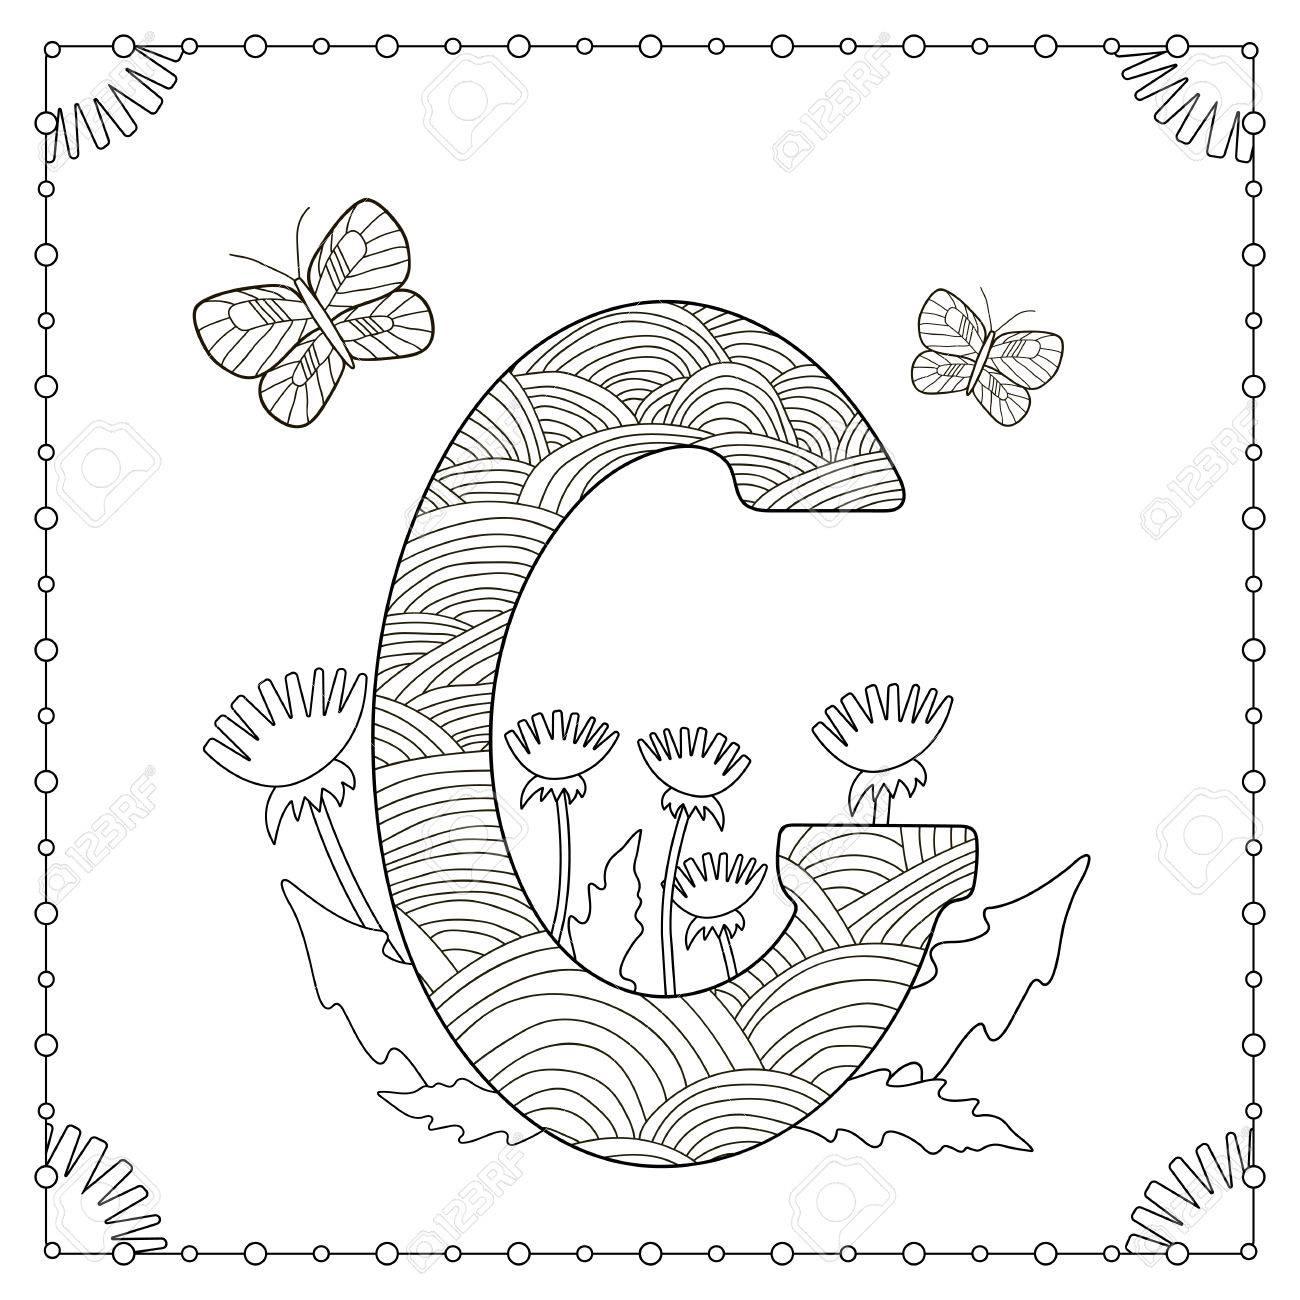 Ausmalbilder Schmetterling Groß : Alphabet Ausmalbilder Gro Buchstabe G Mit Blumen Bl Ttern Und